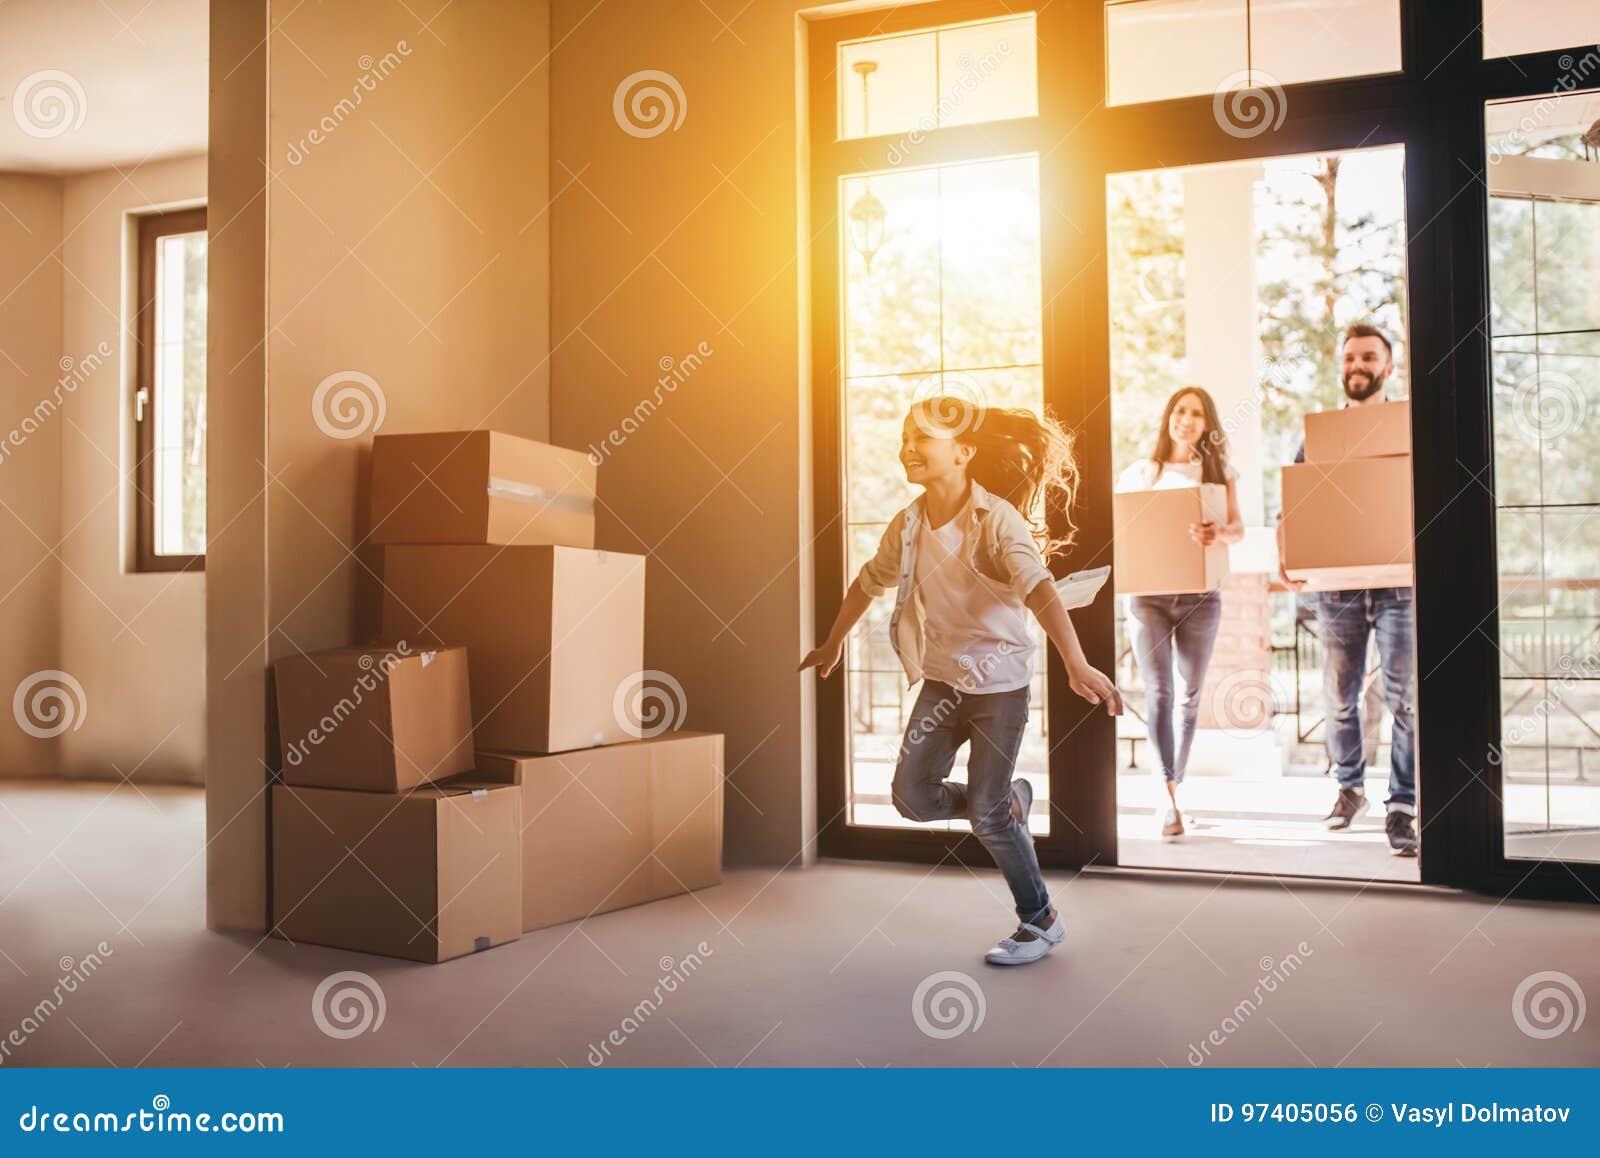 移动在新房里的家庭